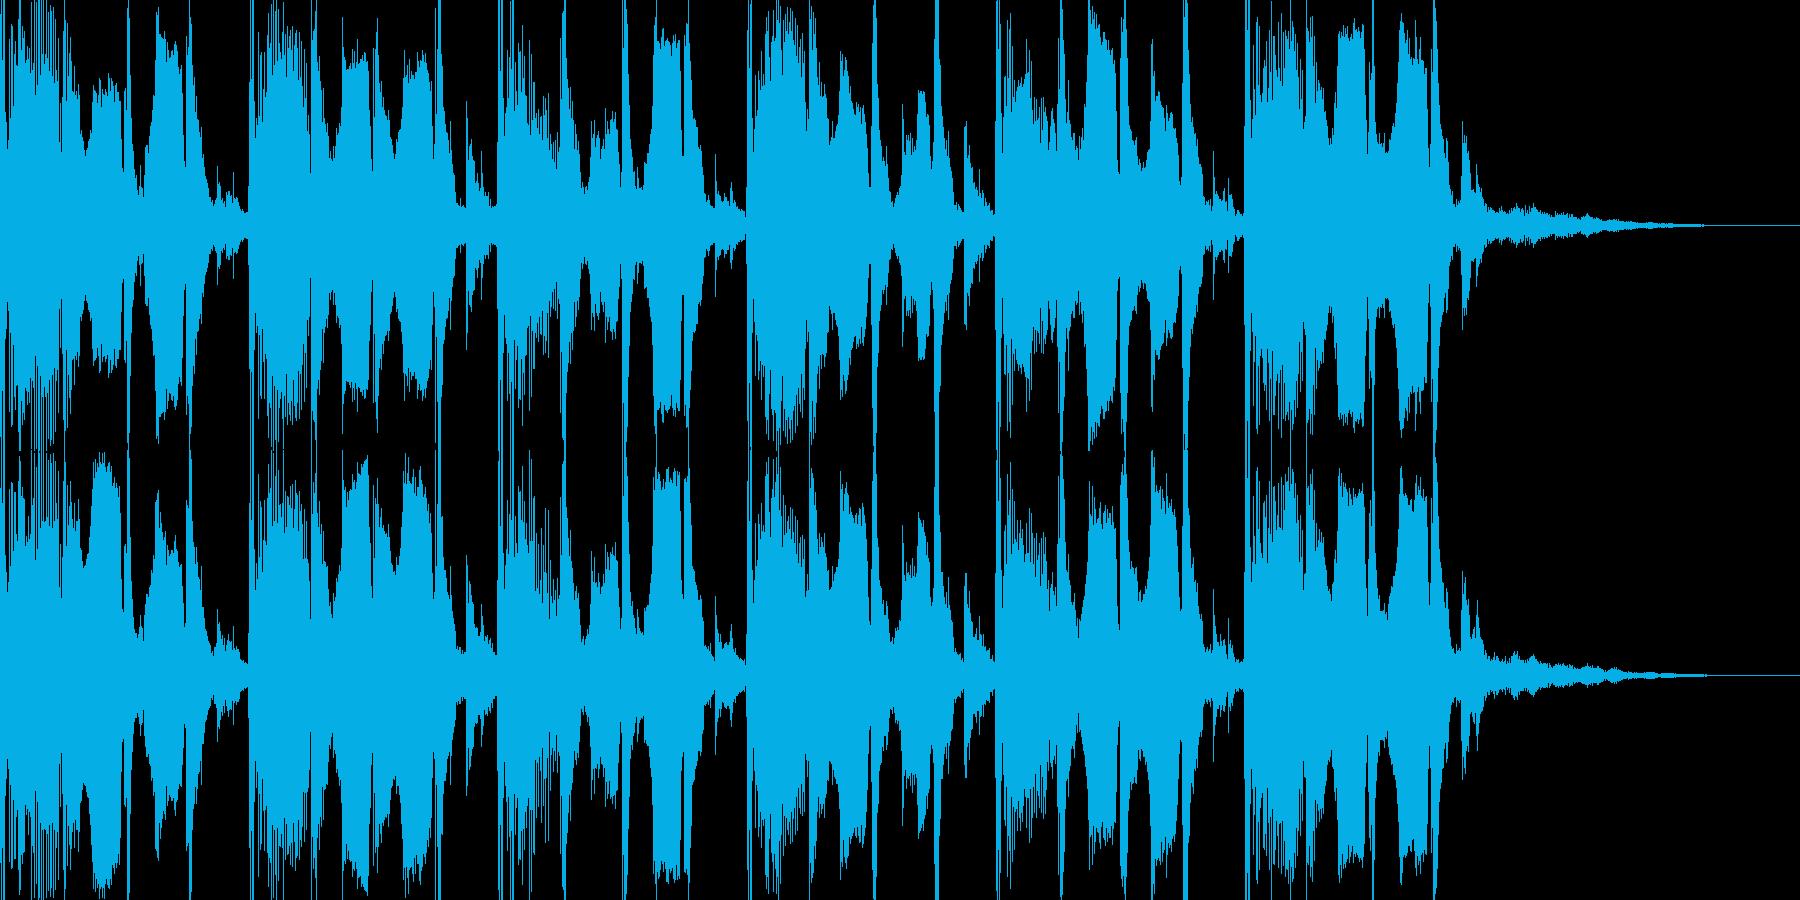 ゆったりとしたテクノ風BGMの再生済みの波形